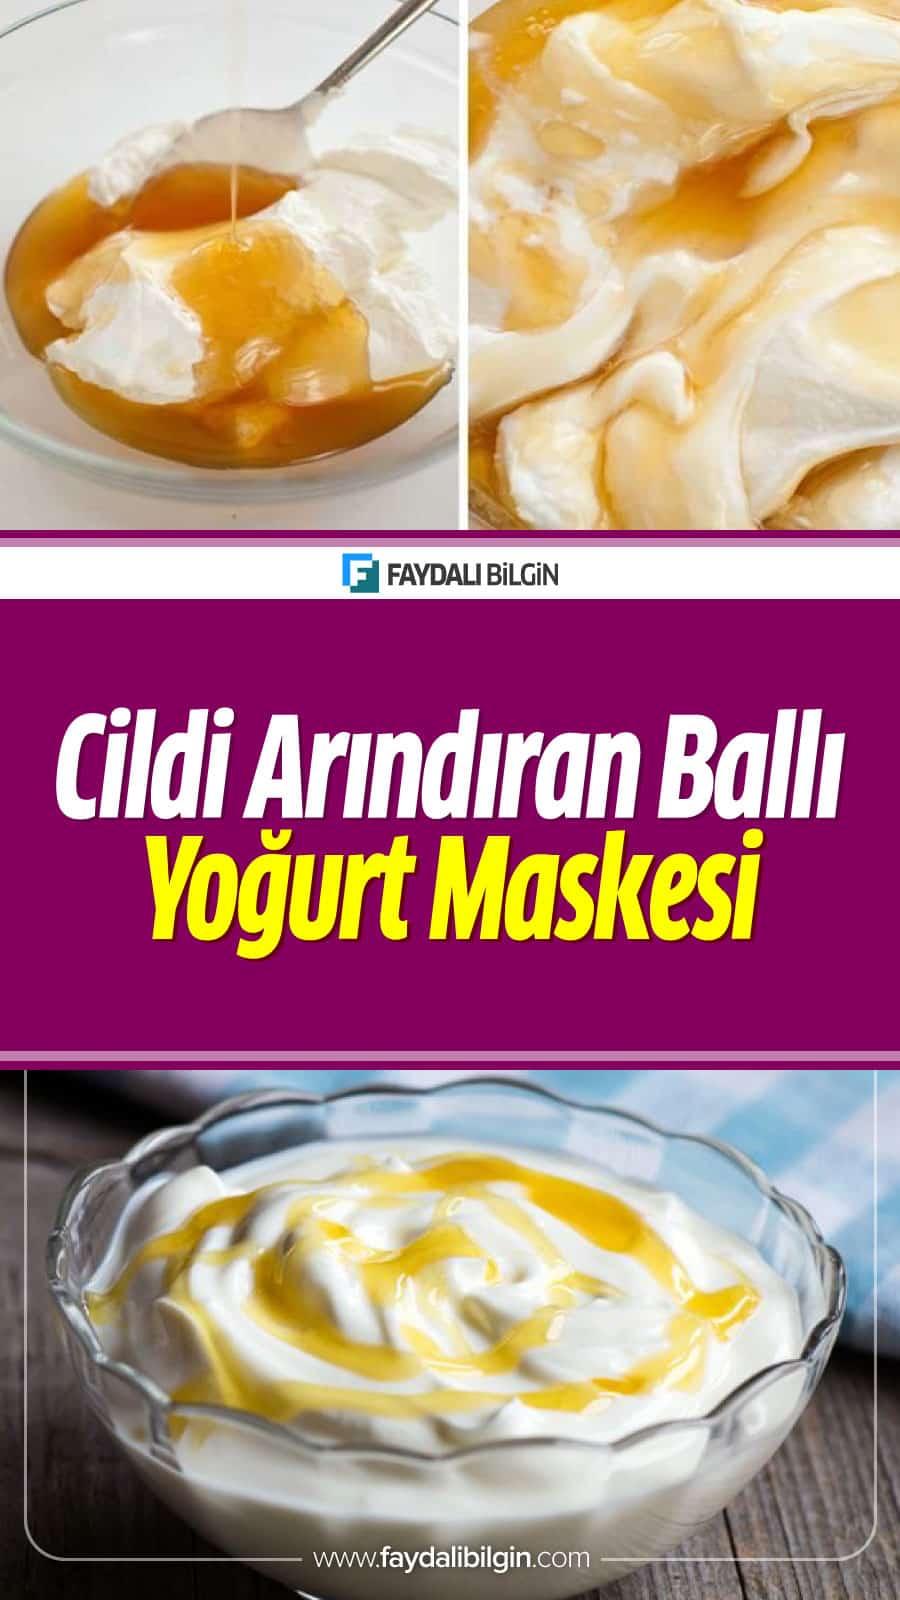 Cildi kir ve ölü hücrelerden arındıran ballı yoğurt maskesi oldukça ekonomiktir. Sadece iki malzemeden oluşan maskeyi doğal malzemelerden yapmak önemlidir.